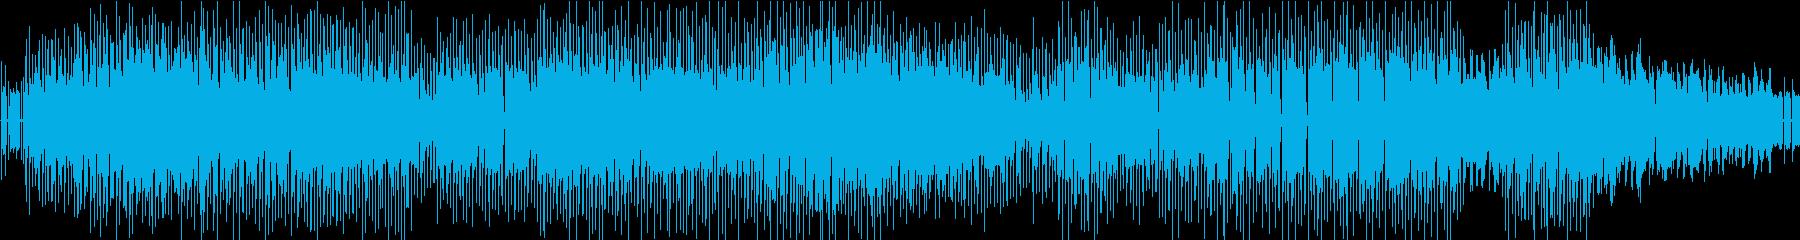 ダークな雰囲気 80年代ファンク風の再生済みの波形